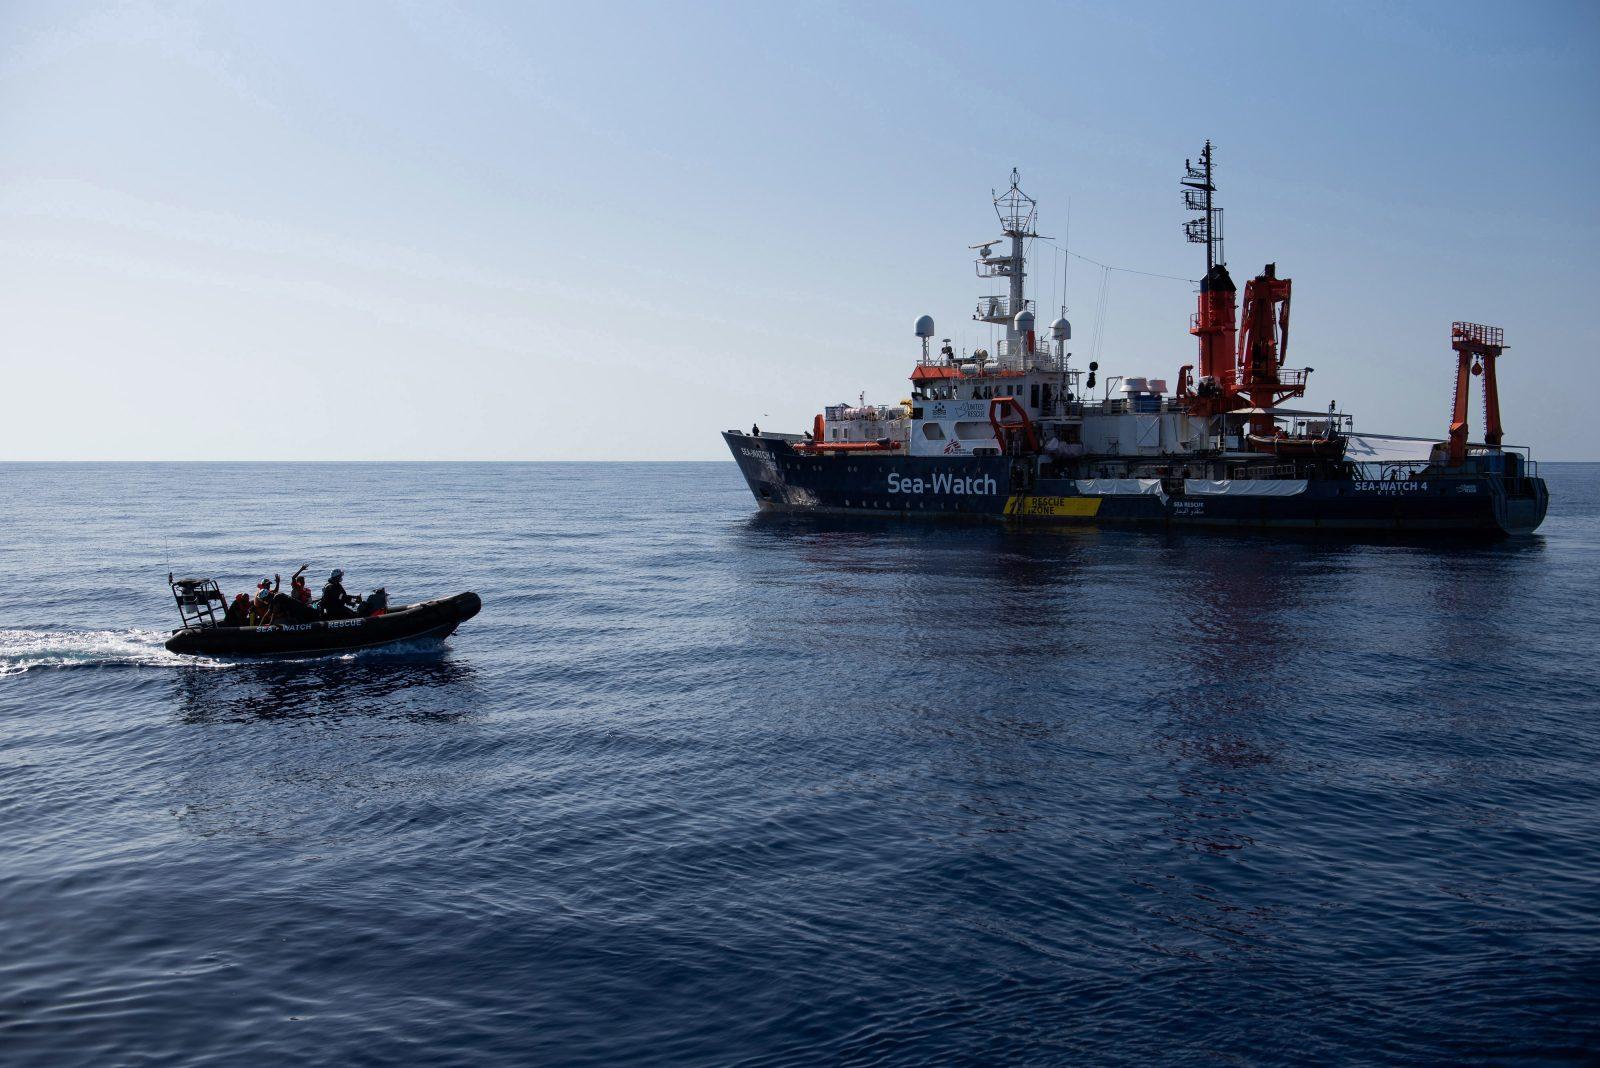 """""""Sea-Watch 4"""": Der Nürnberger Kirchenvorstand hat einen Pfarrer abgeordnet, nachdem er Seenotrettung von Flüchtlingen im Mittelmeer kritisiert hatte"""